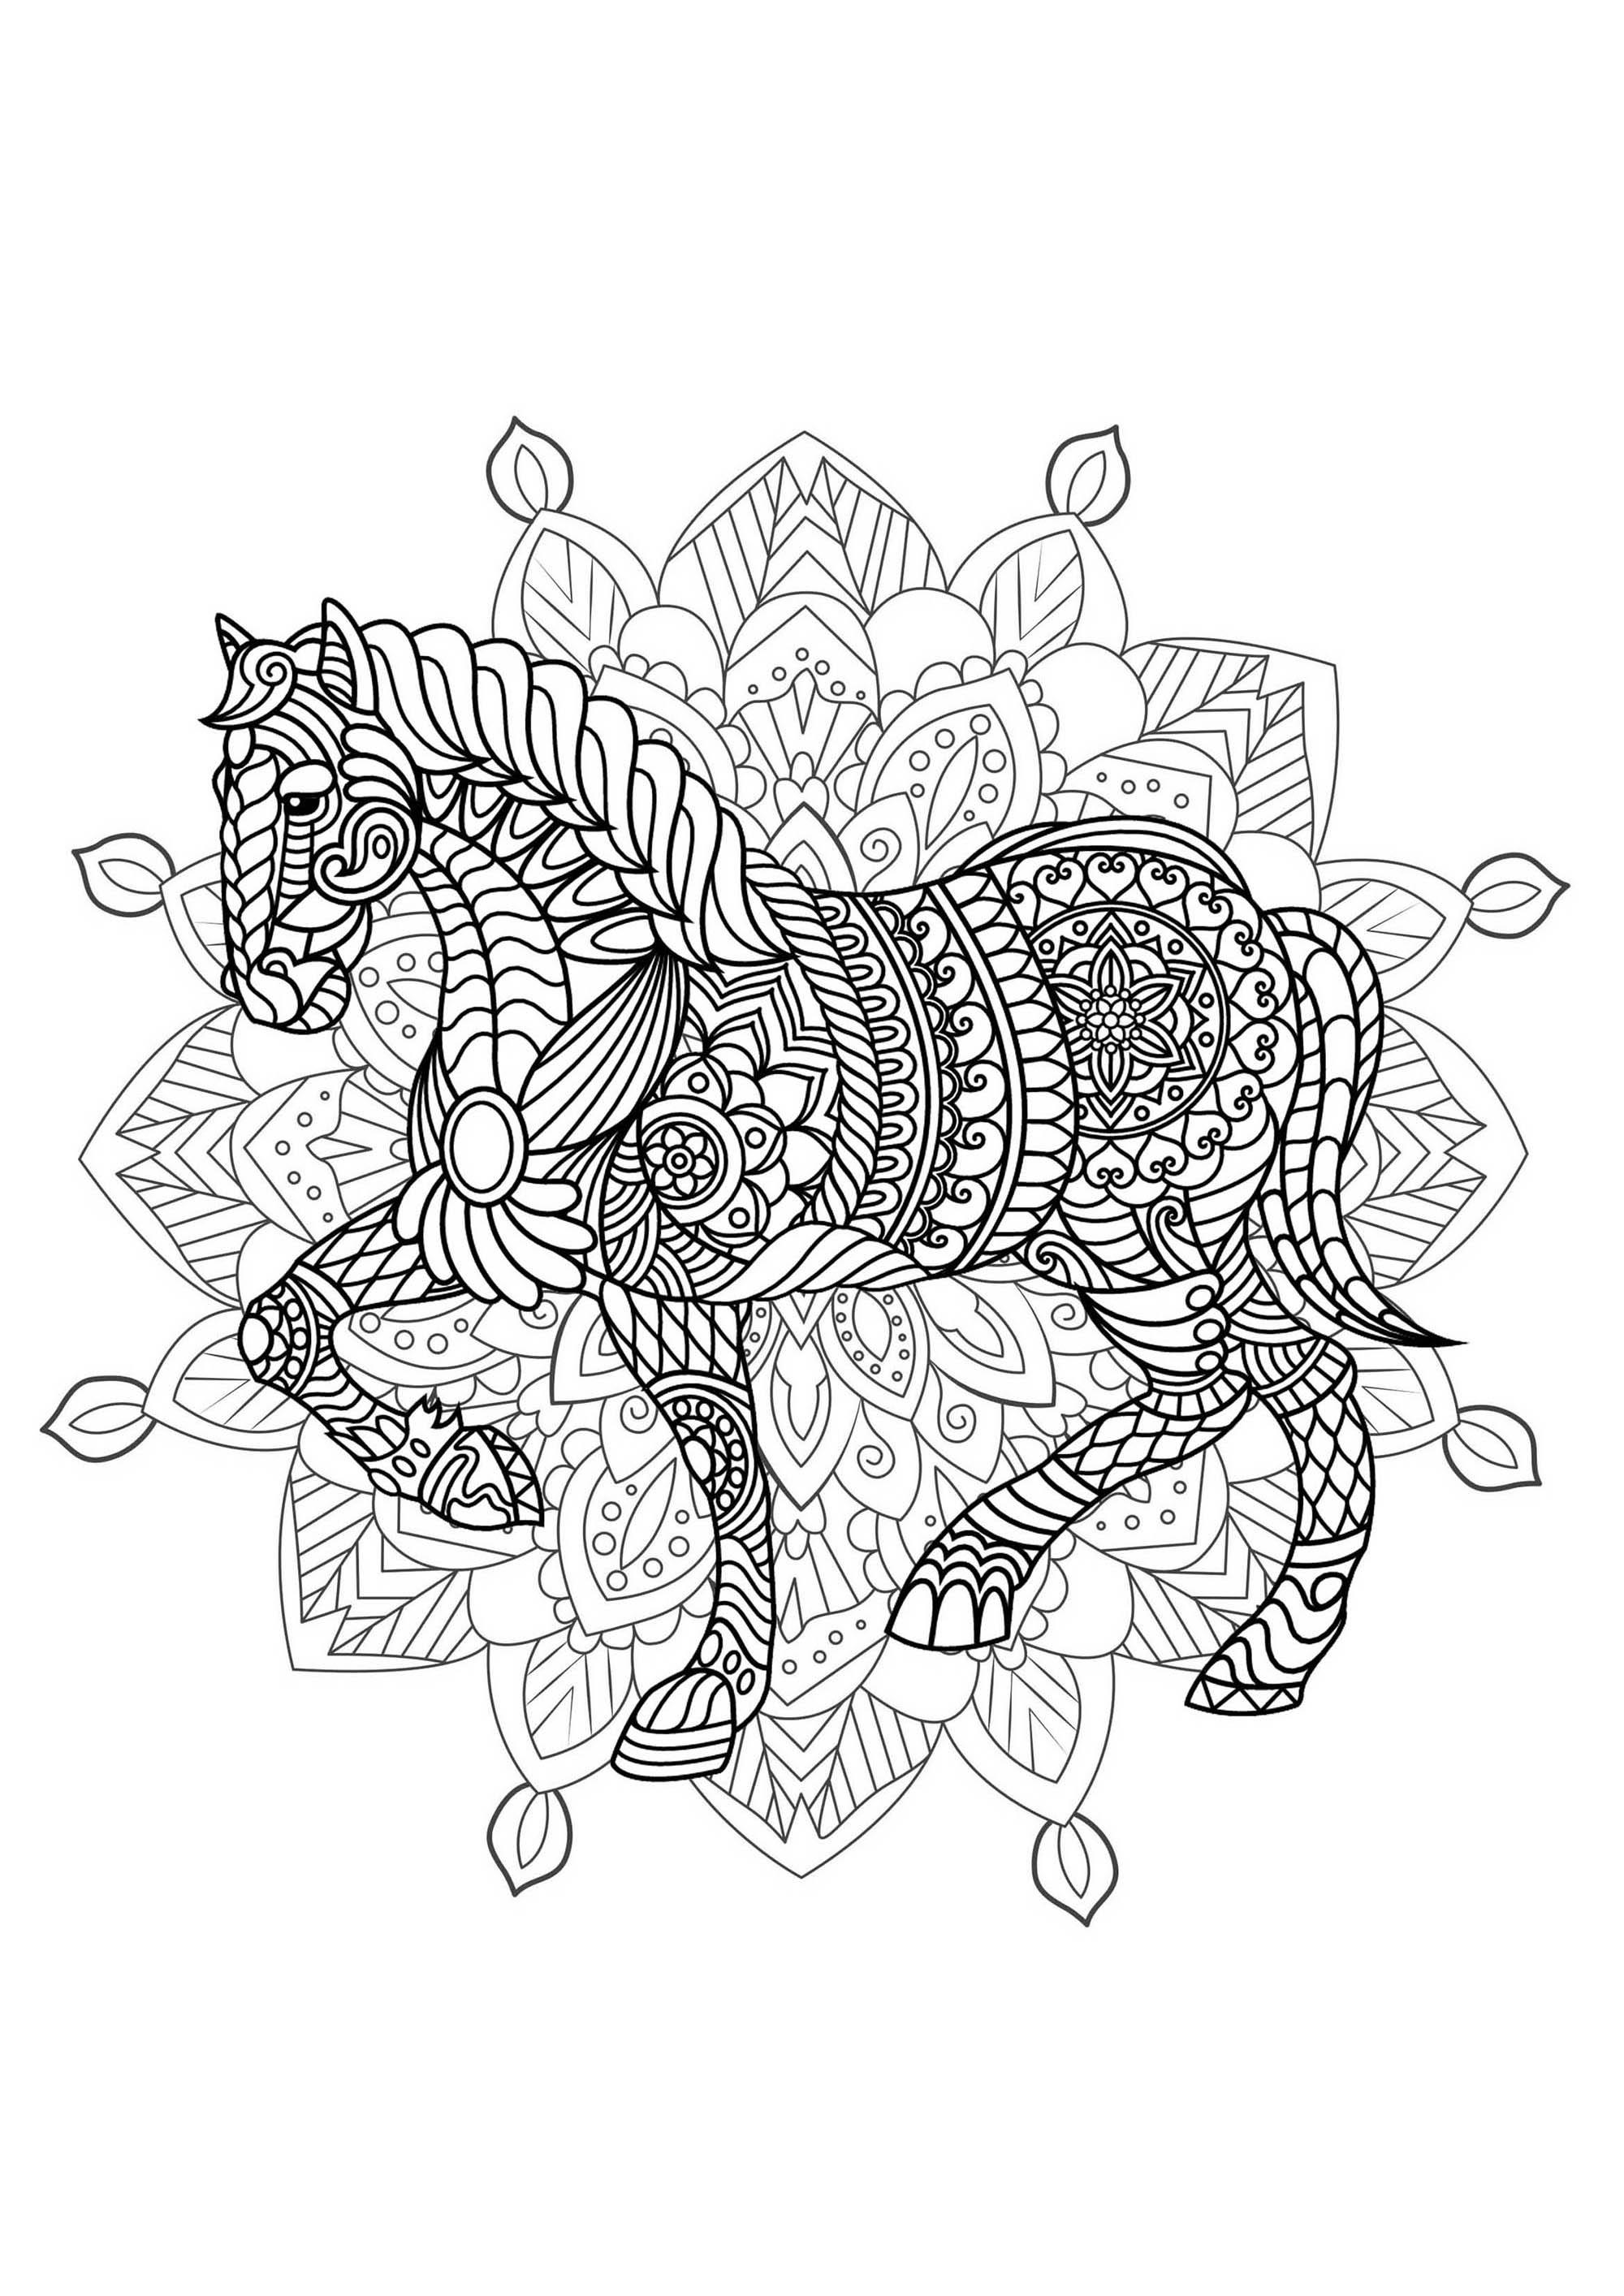 Mandala cheval 2 mandalas coloriages difficiles pour - Coloriage chevaux imprimer ...